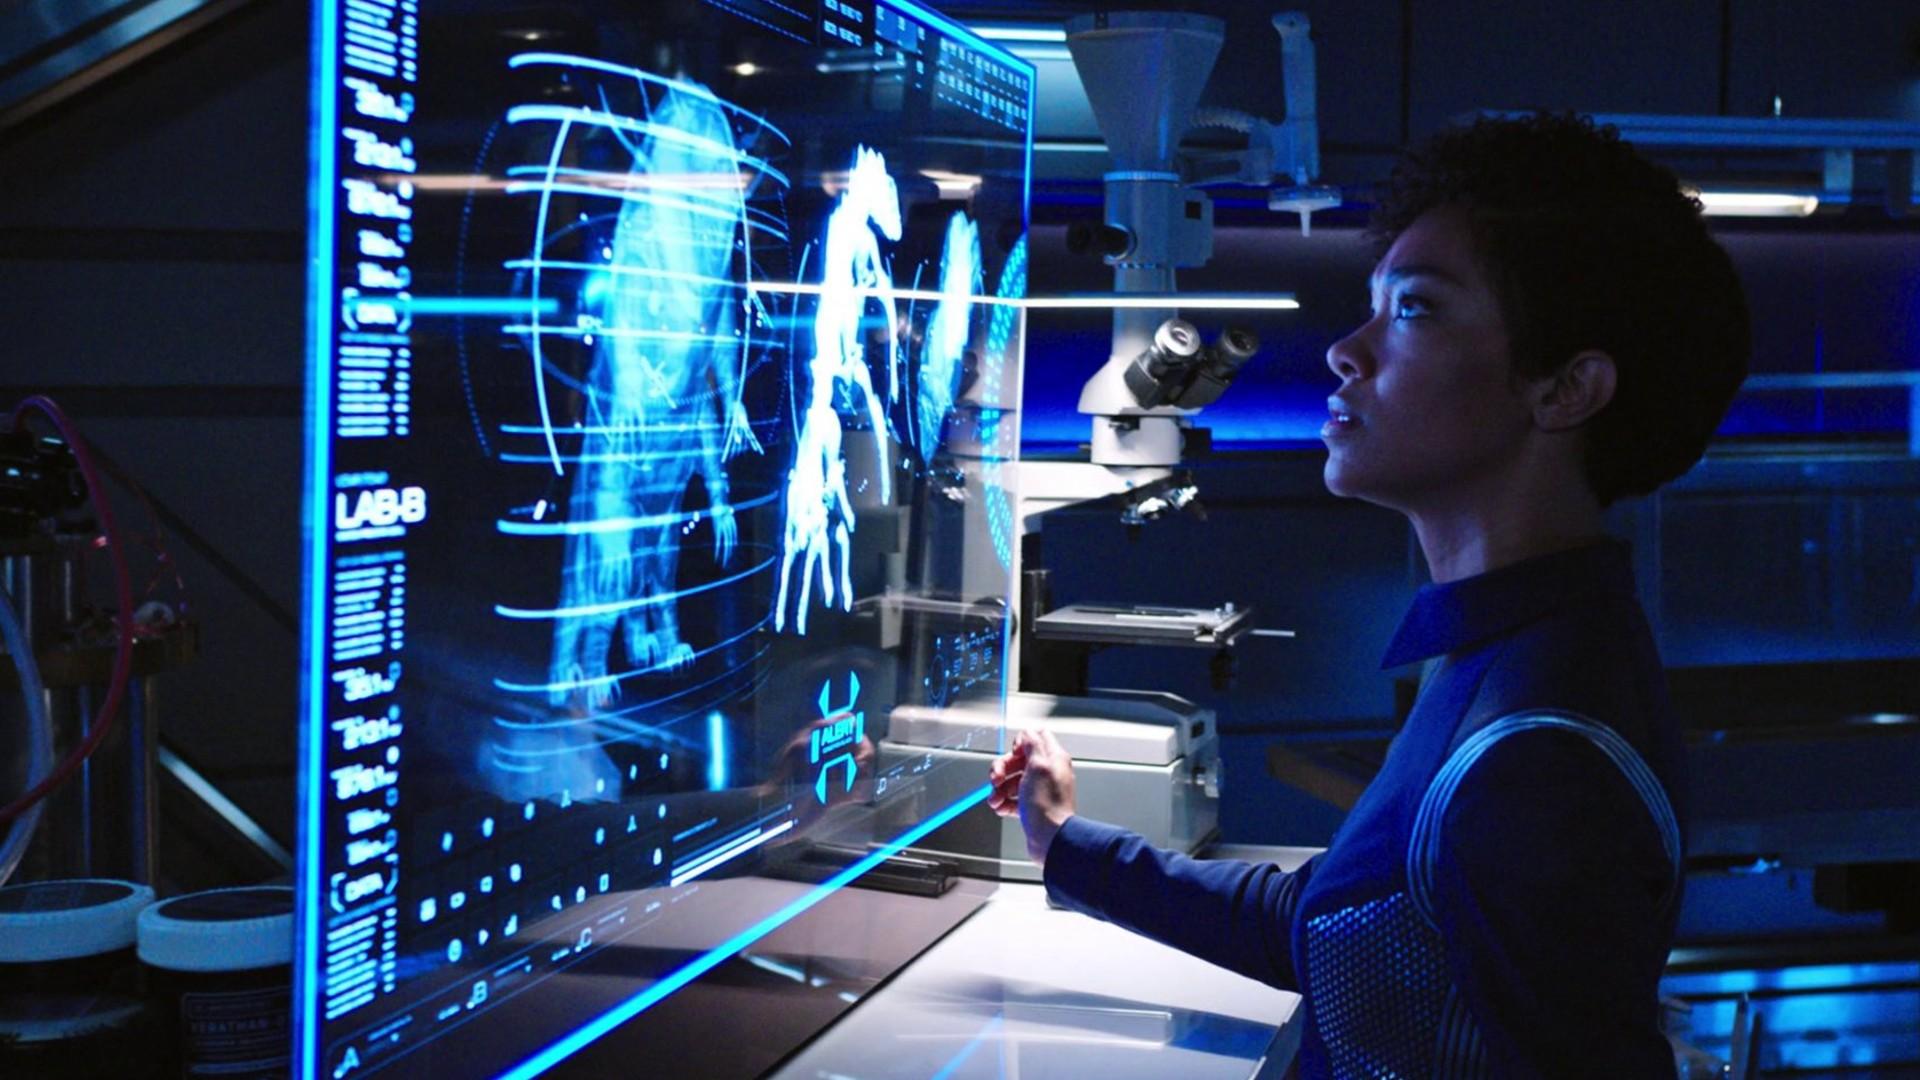 Des « hologrammes quantiques » ont été créés pour la première fois - Numerama